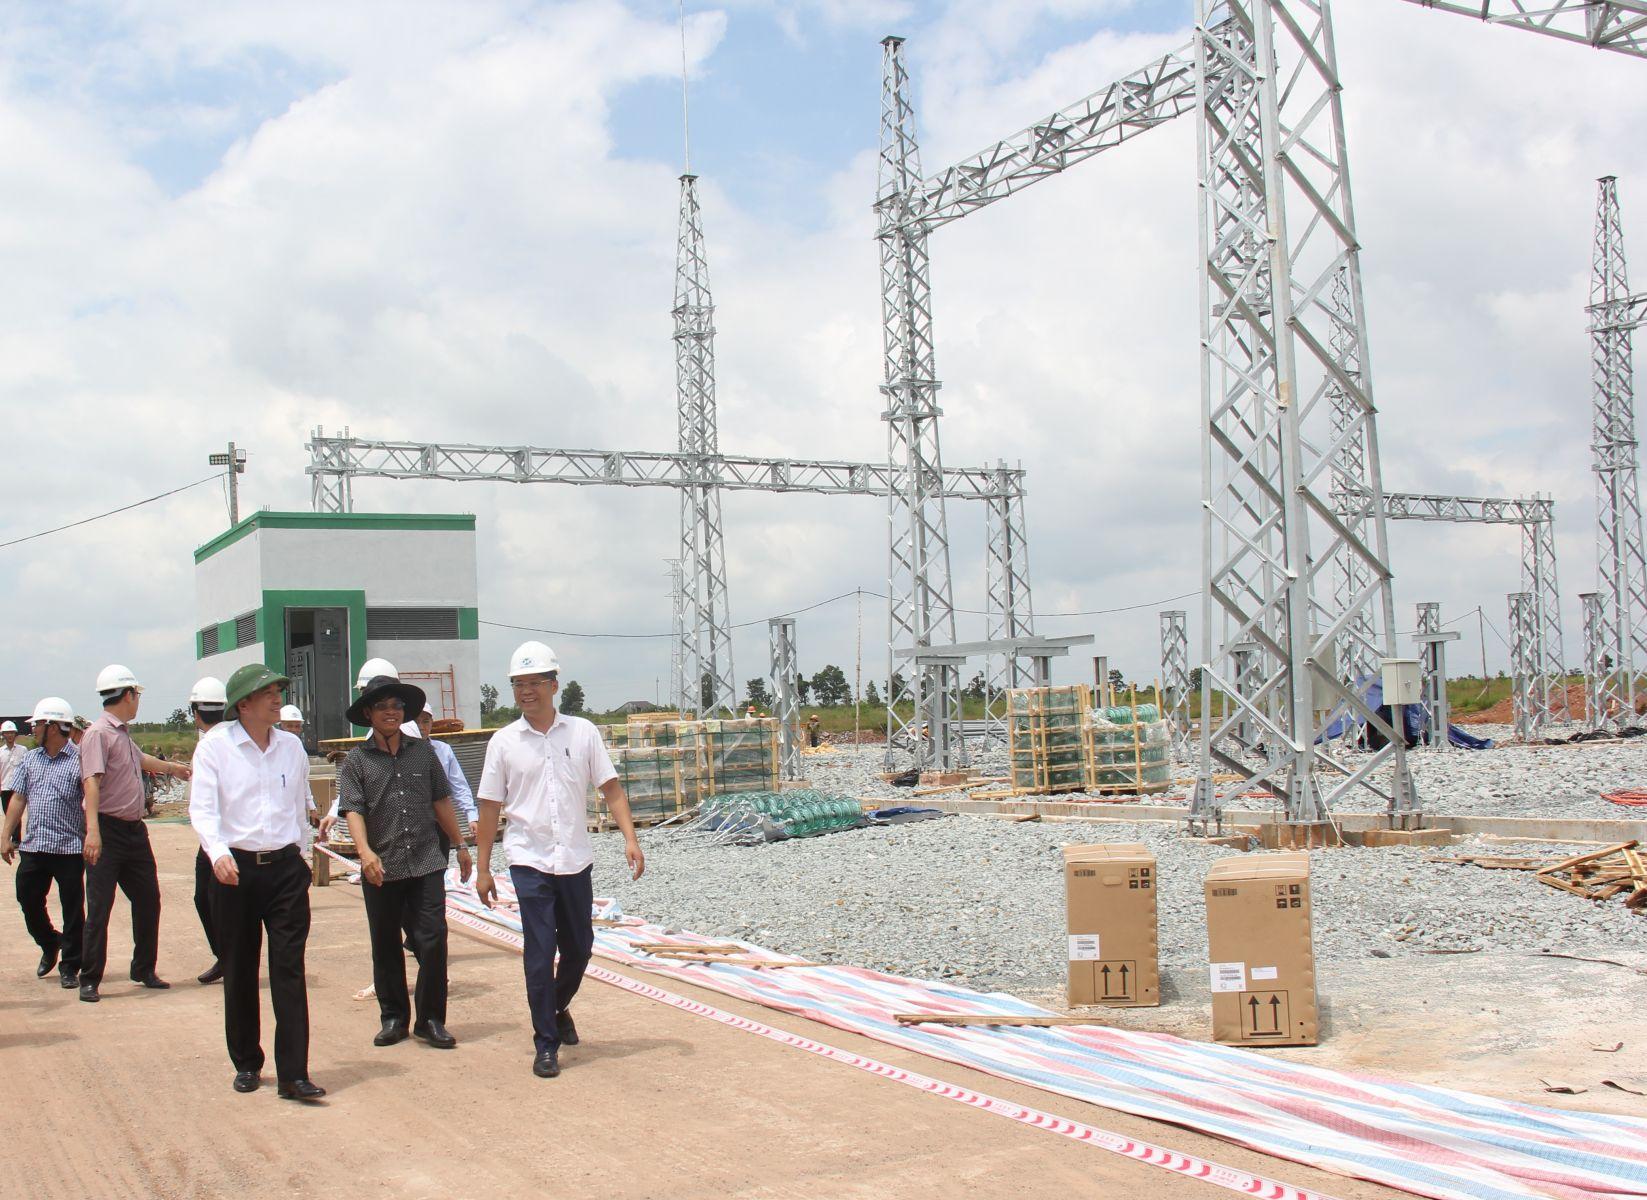 Đấu nối đường dây và trạm biến áp 500 kV Xuân Thiện- Ea Súp